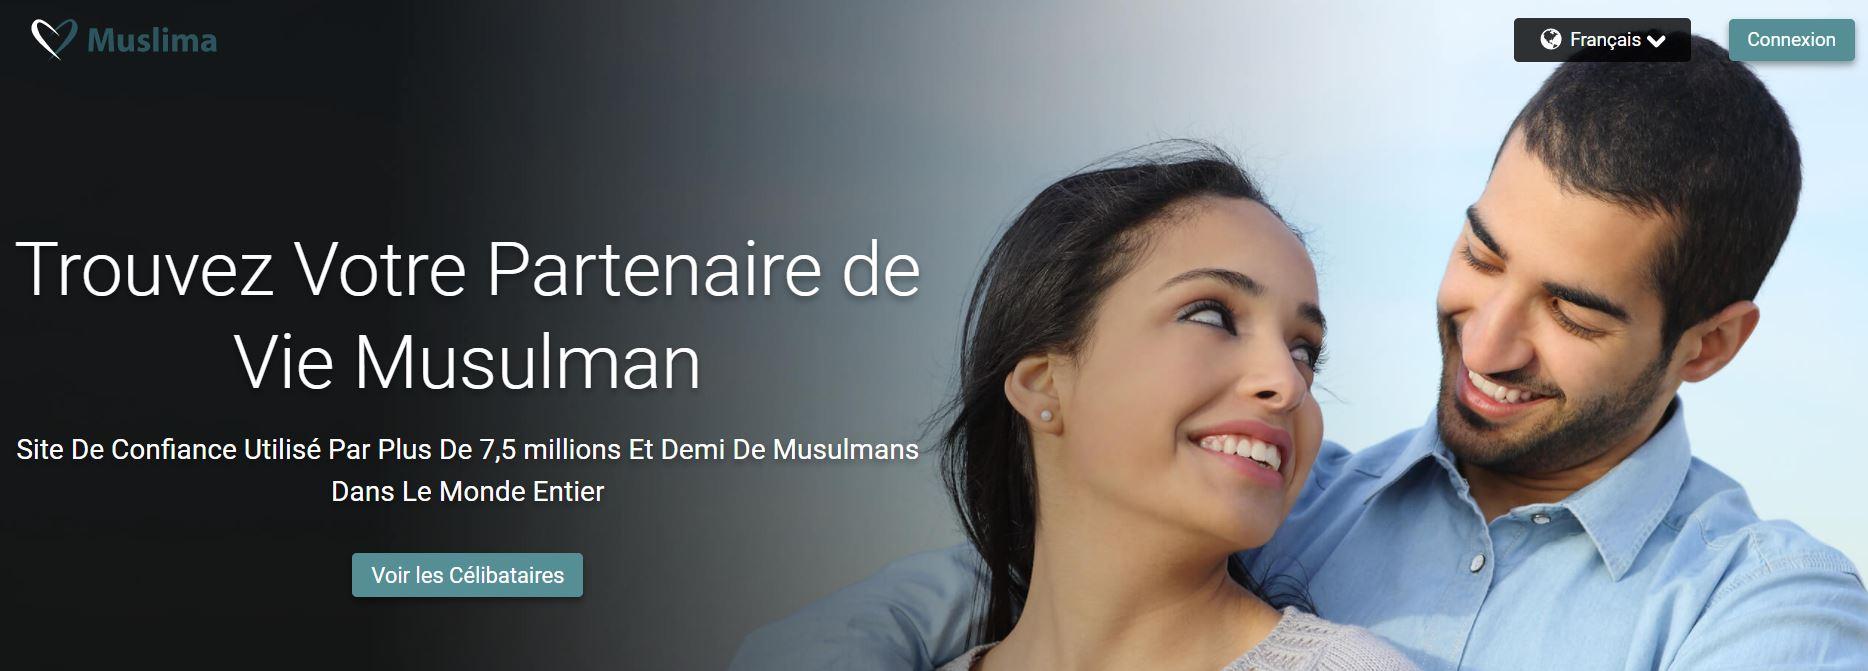 site rencontre communautaire musulman cherche un homme dans à saint- étienne